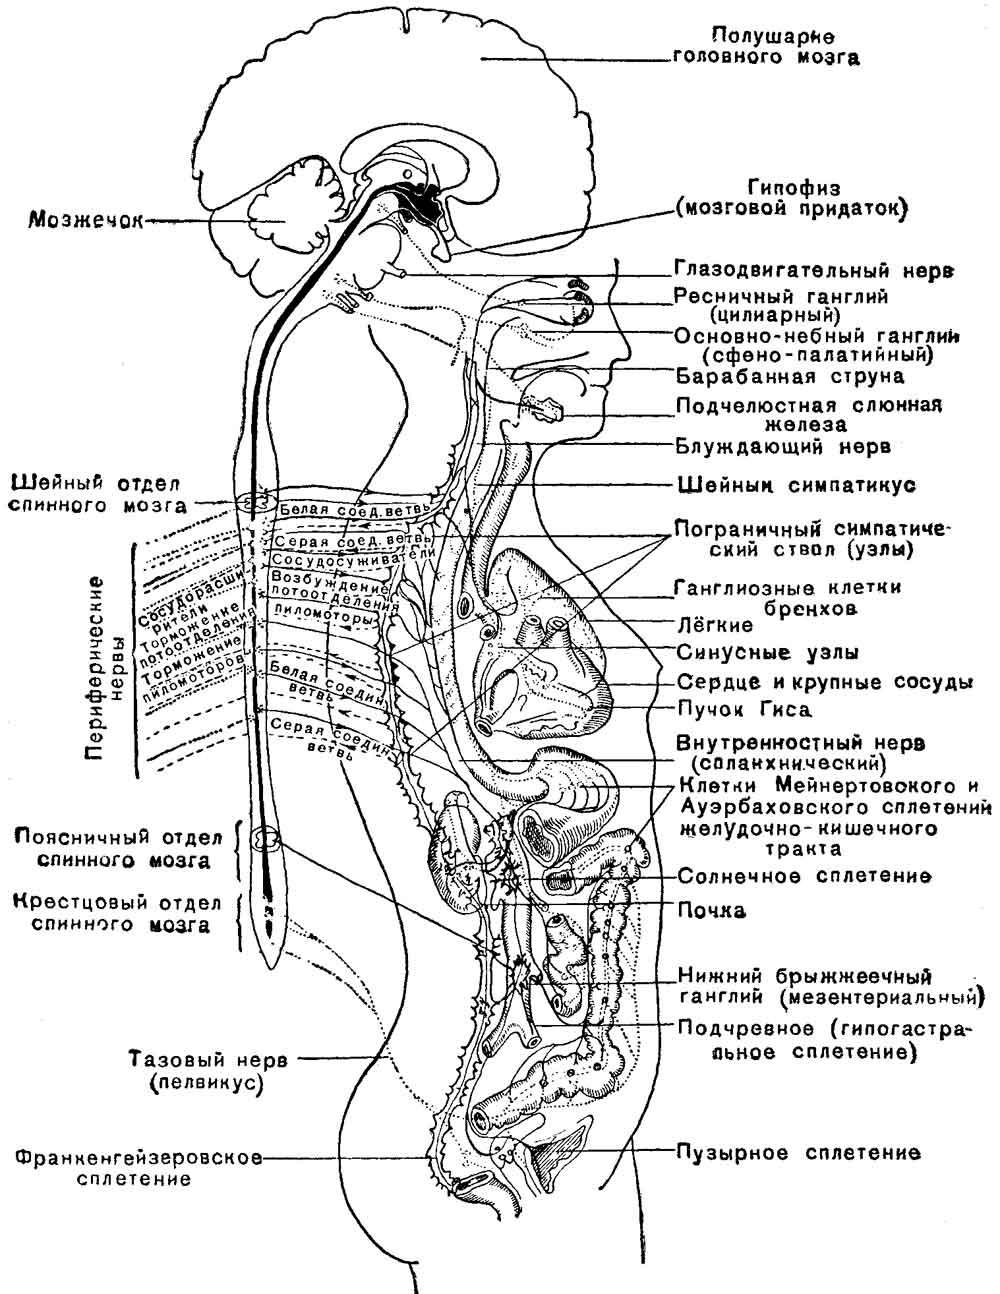 Схема общего плана строения вегетативной нервной системы